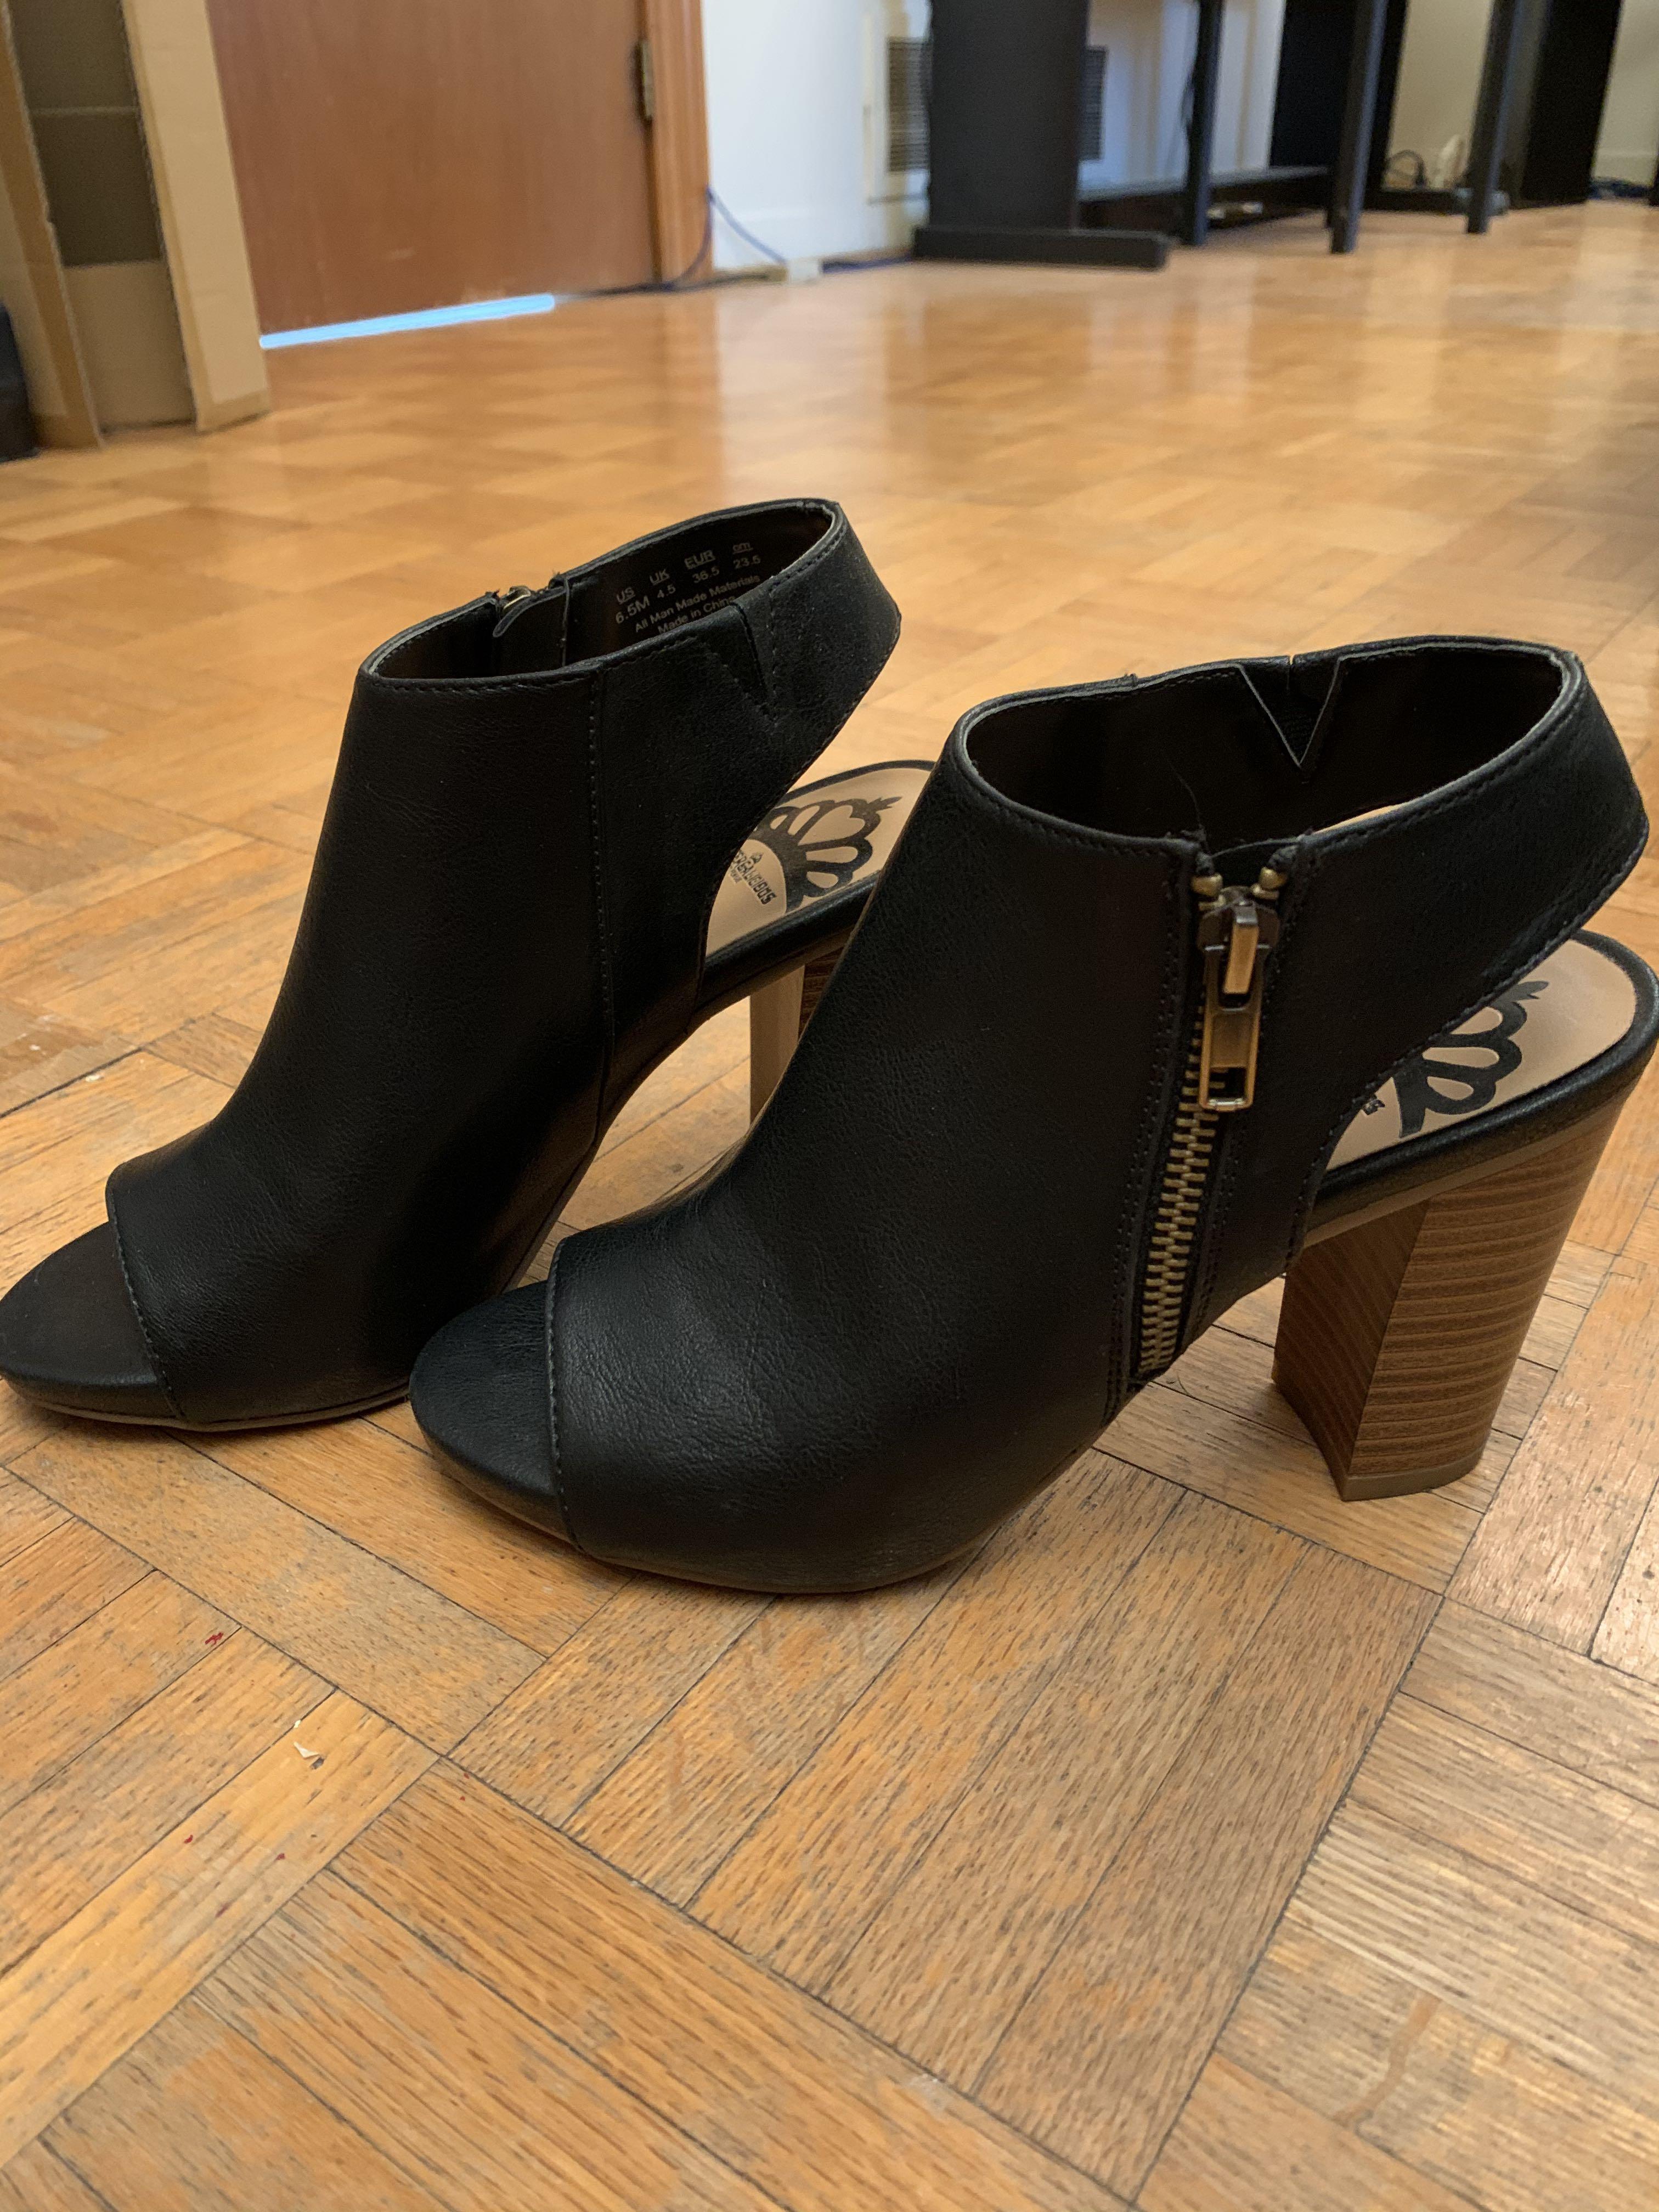 Fergalicious Open Toe Black Heels Size 6.5